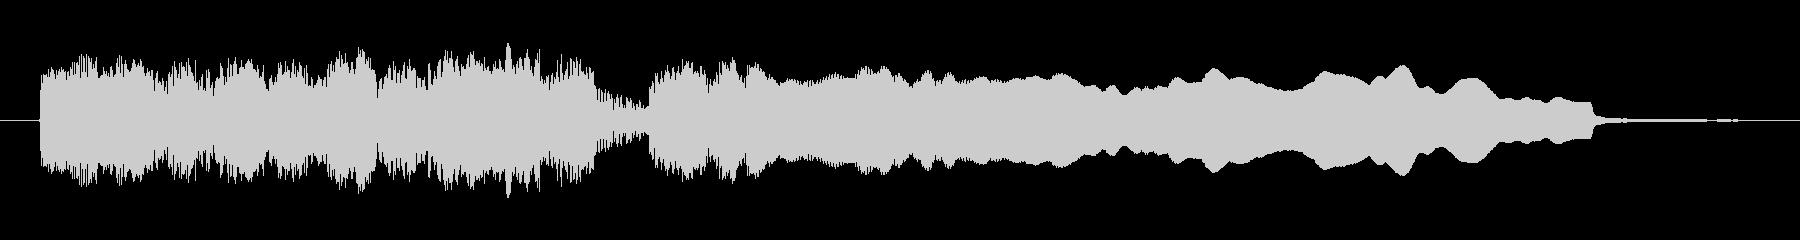 勝利や正解の時のファンファーレの未再生の波形